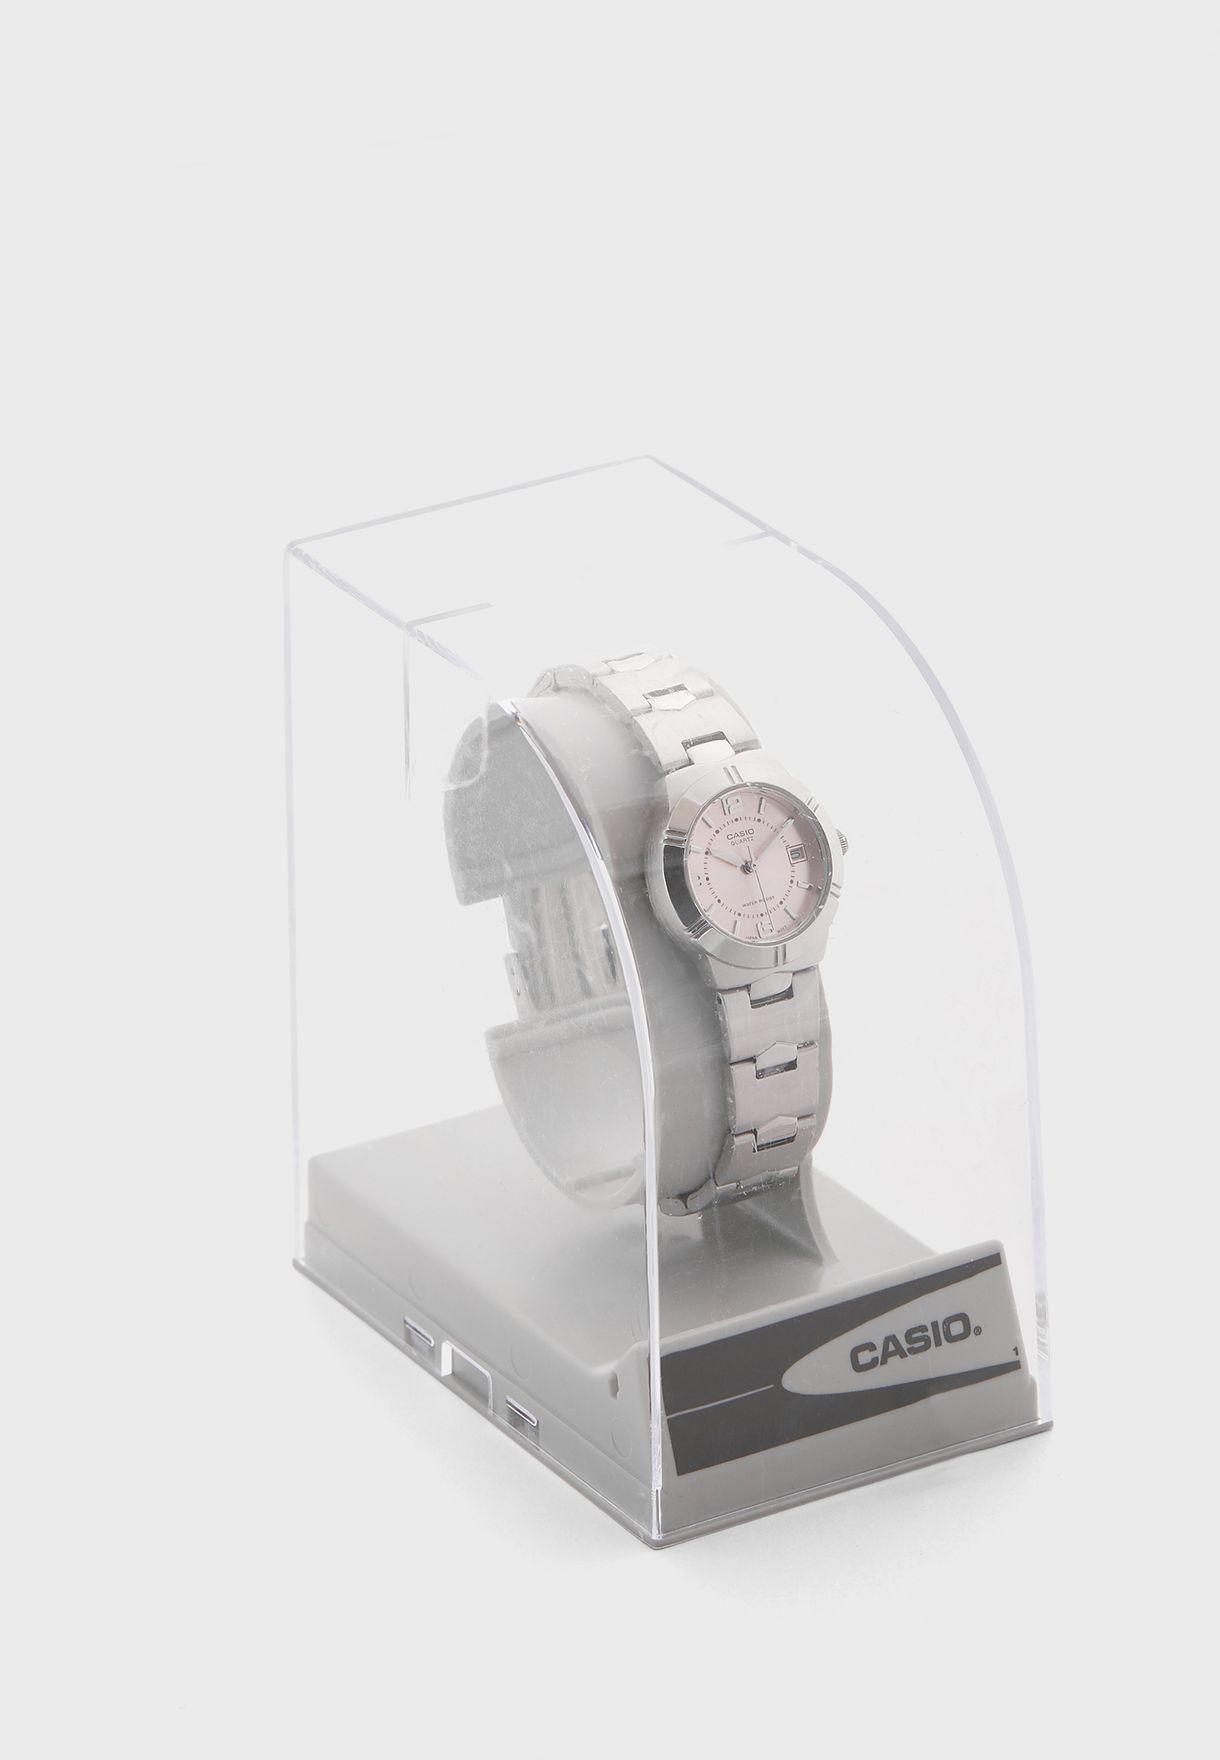 ساعة رسمية